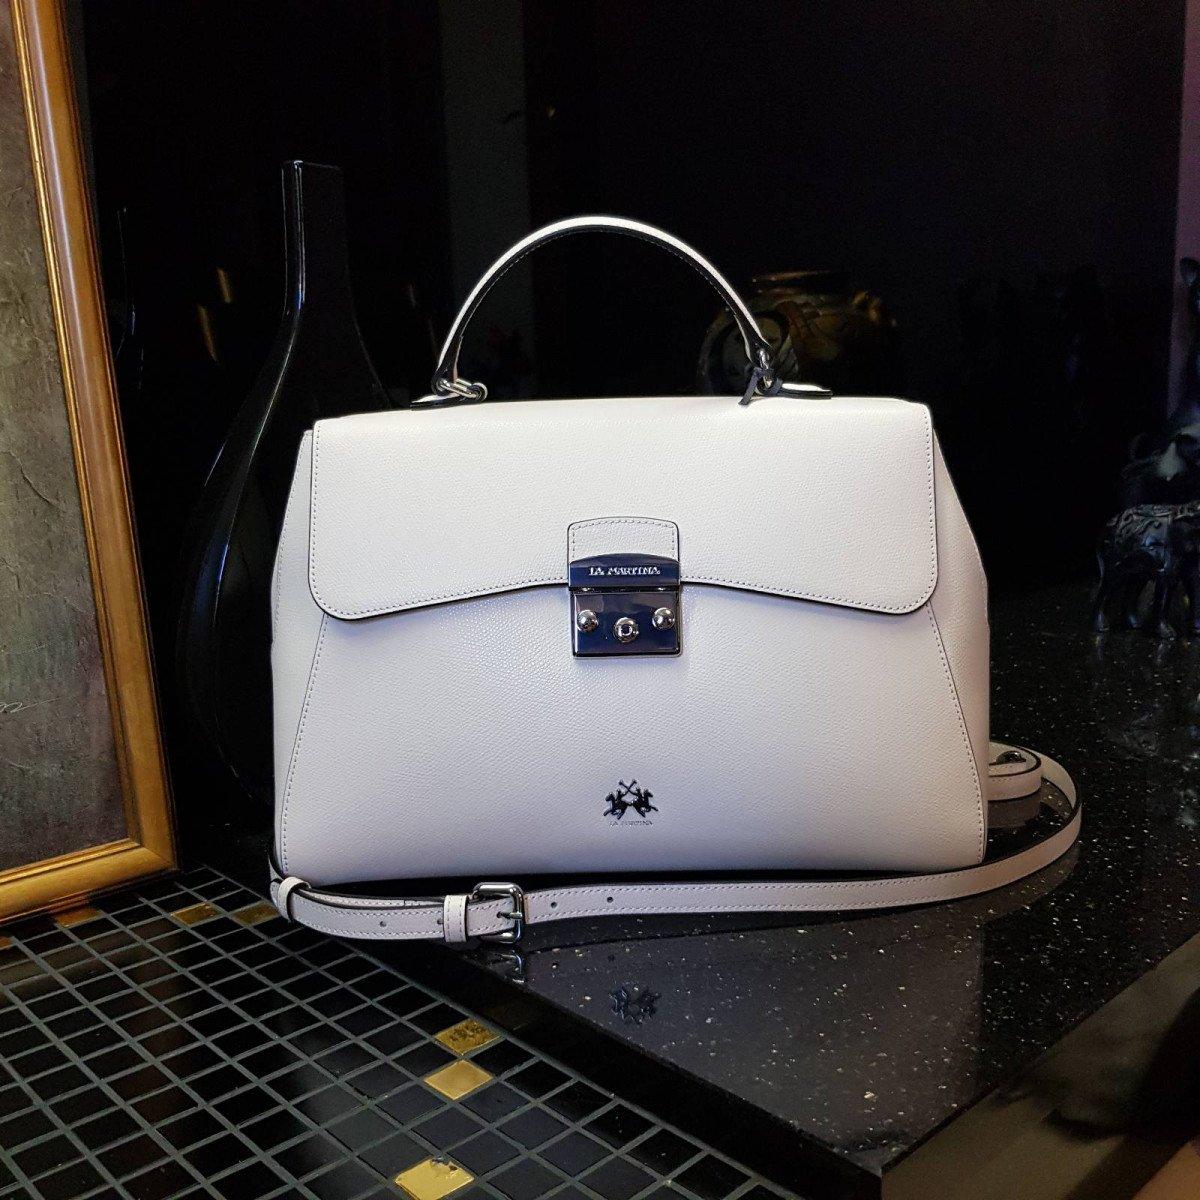 Кожаная женская сумка LA Martina 41W405 P0005 whisper pink из натуральной кожи из натуральной кожи